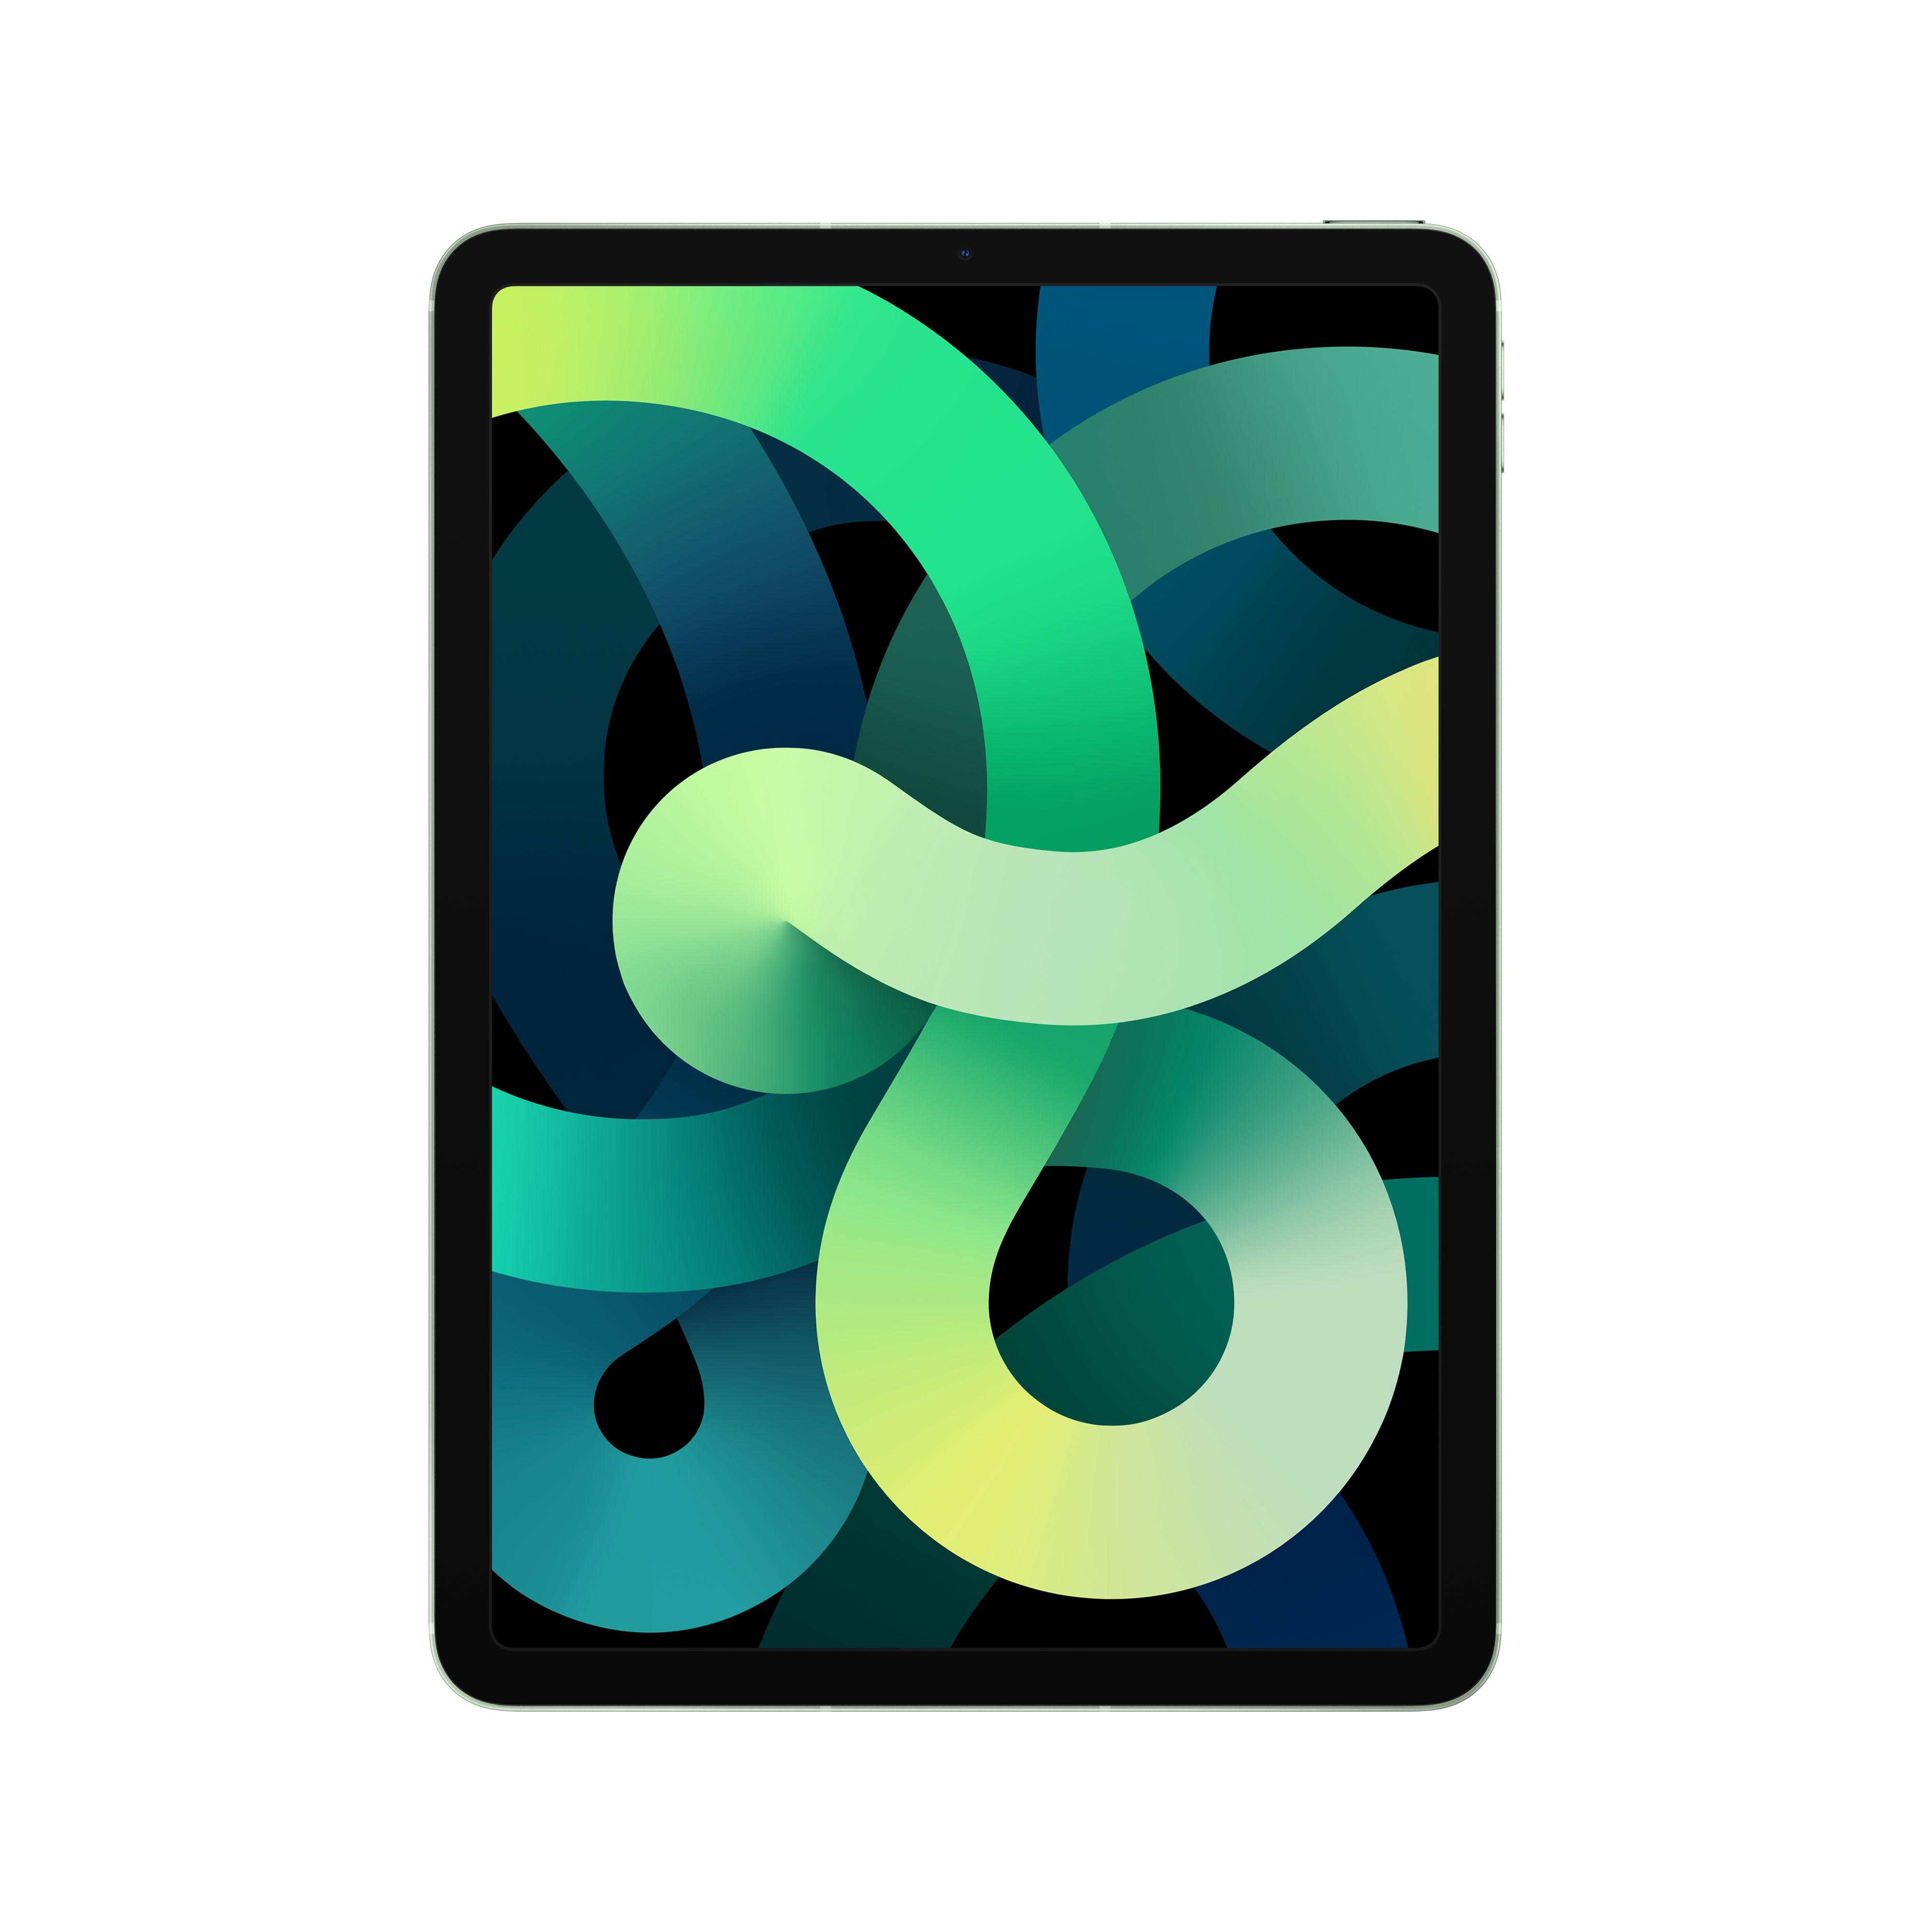 Apple - 10.9-inch iPad Air Wi-Fi + Cellular 64GB - Green Myh12ty/a